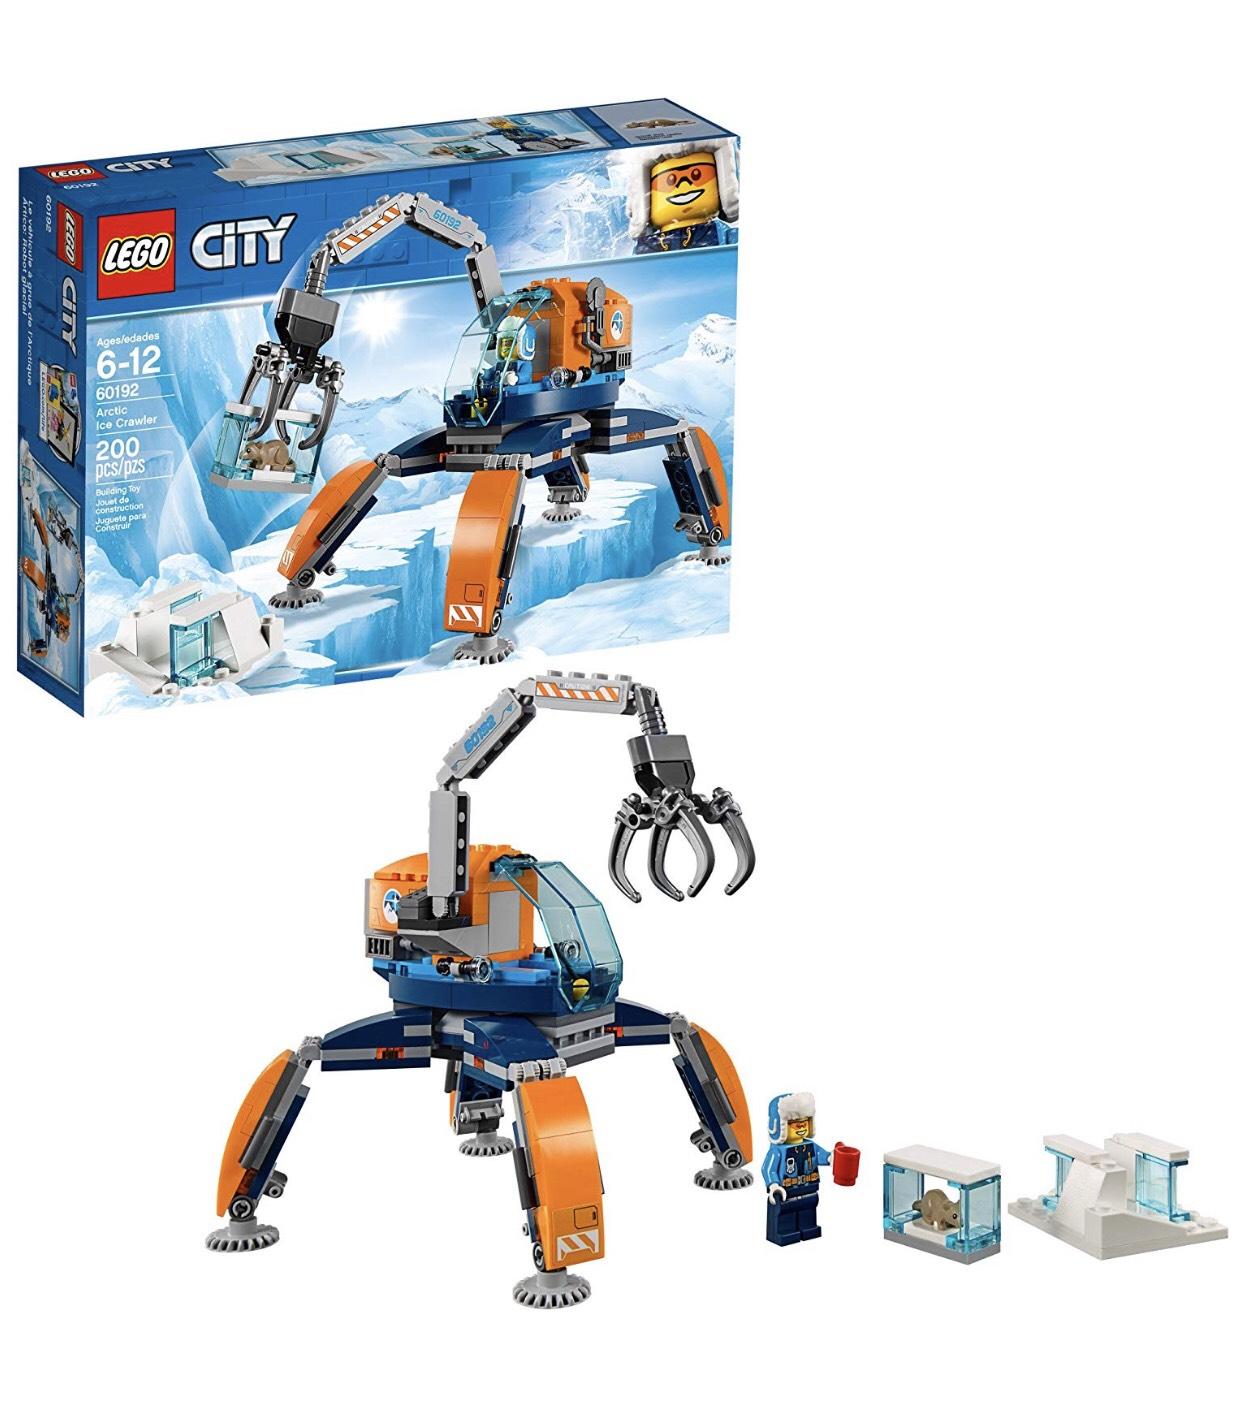 Amazon: LEGO City, Ártico: Robot Glacial 60192